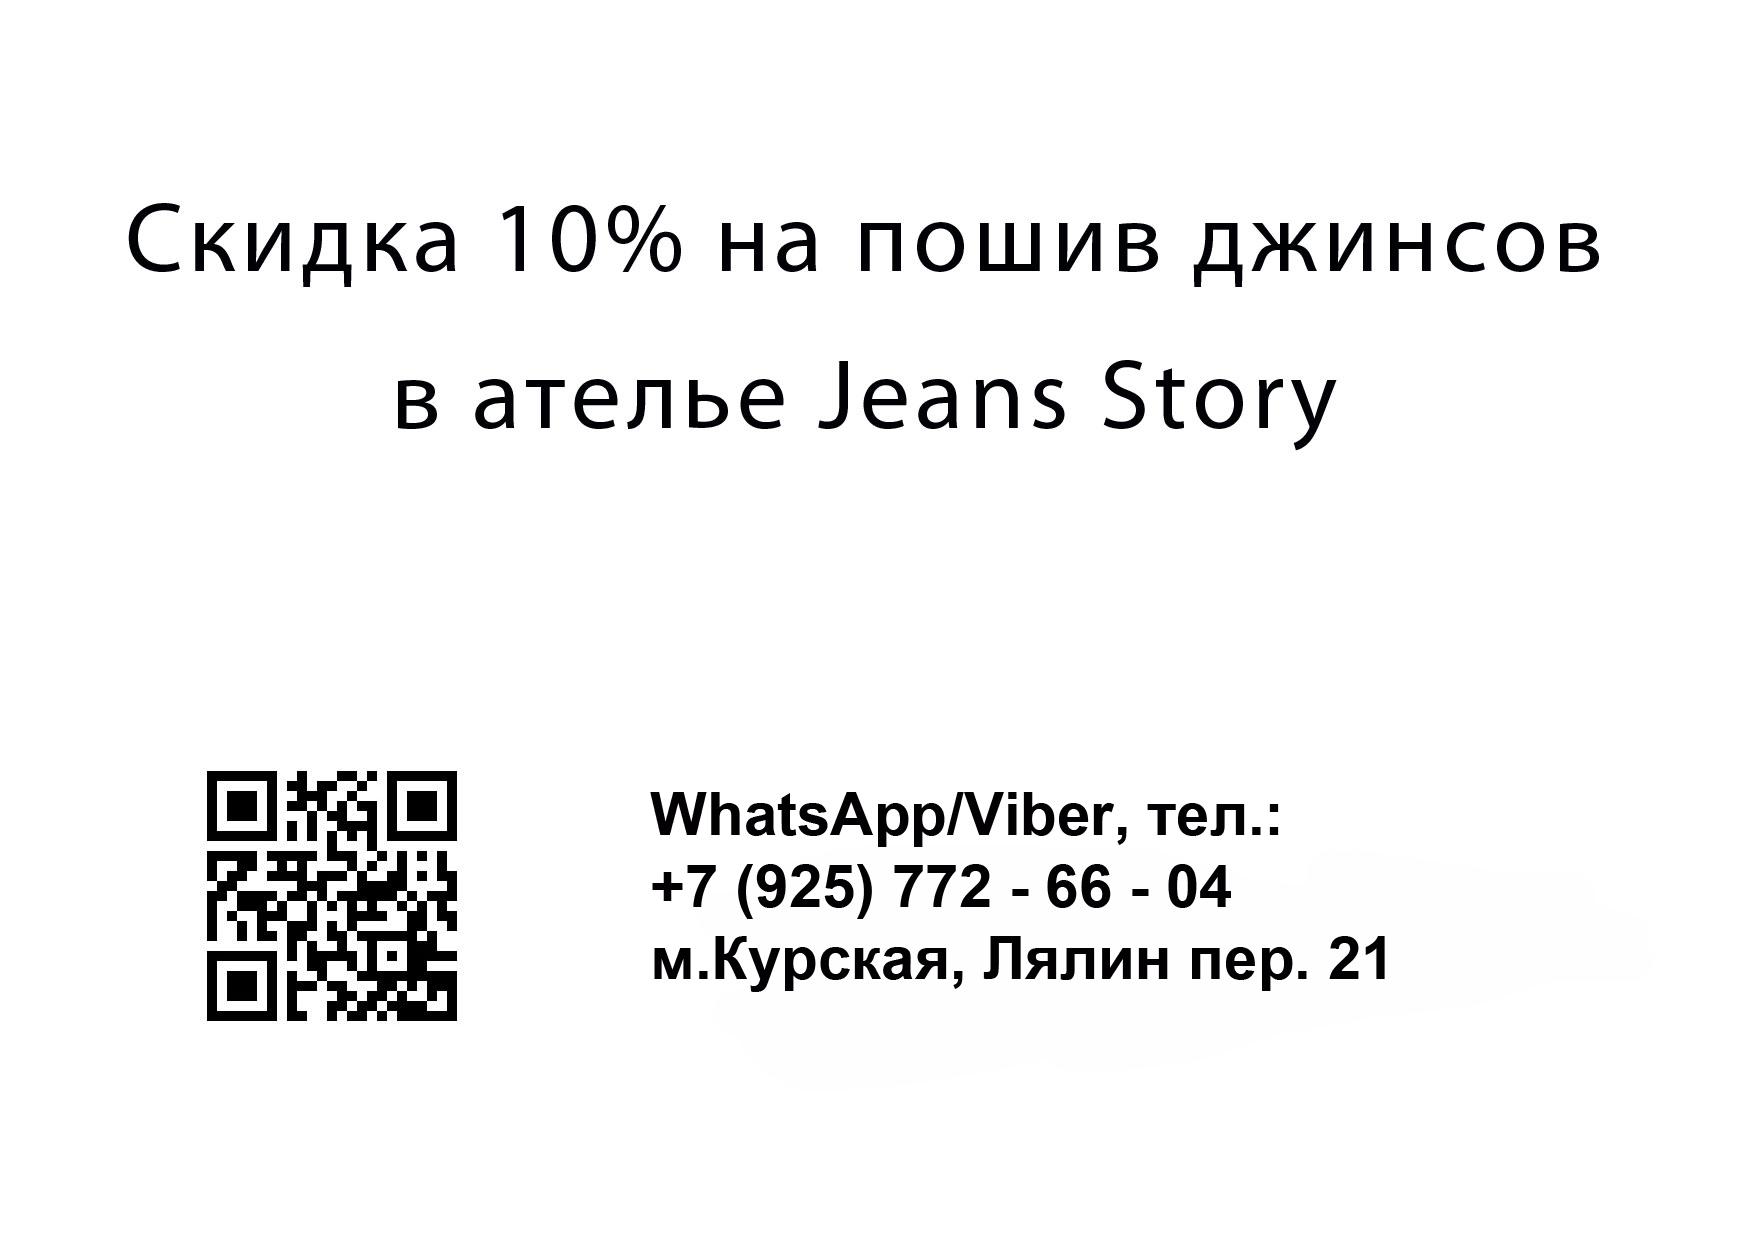 Купон на скидку на пошив джинсов